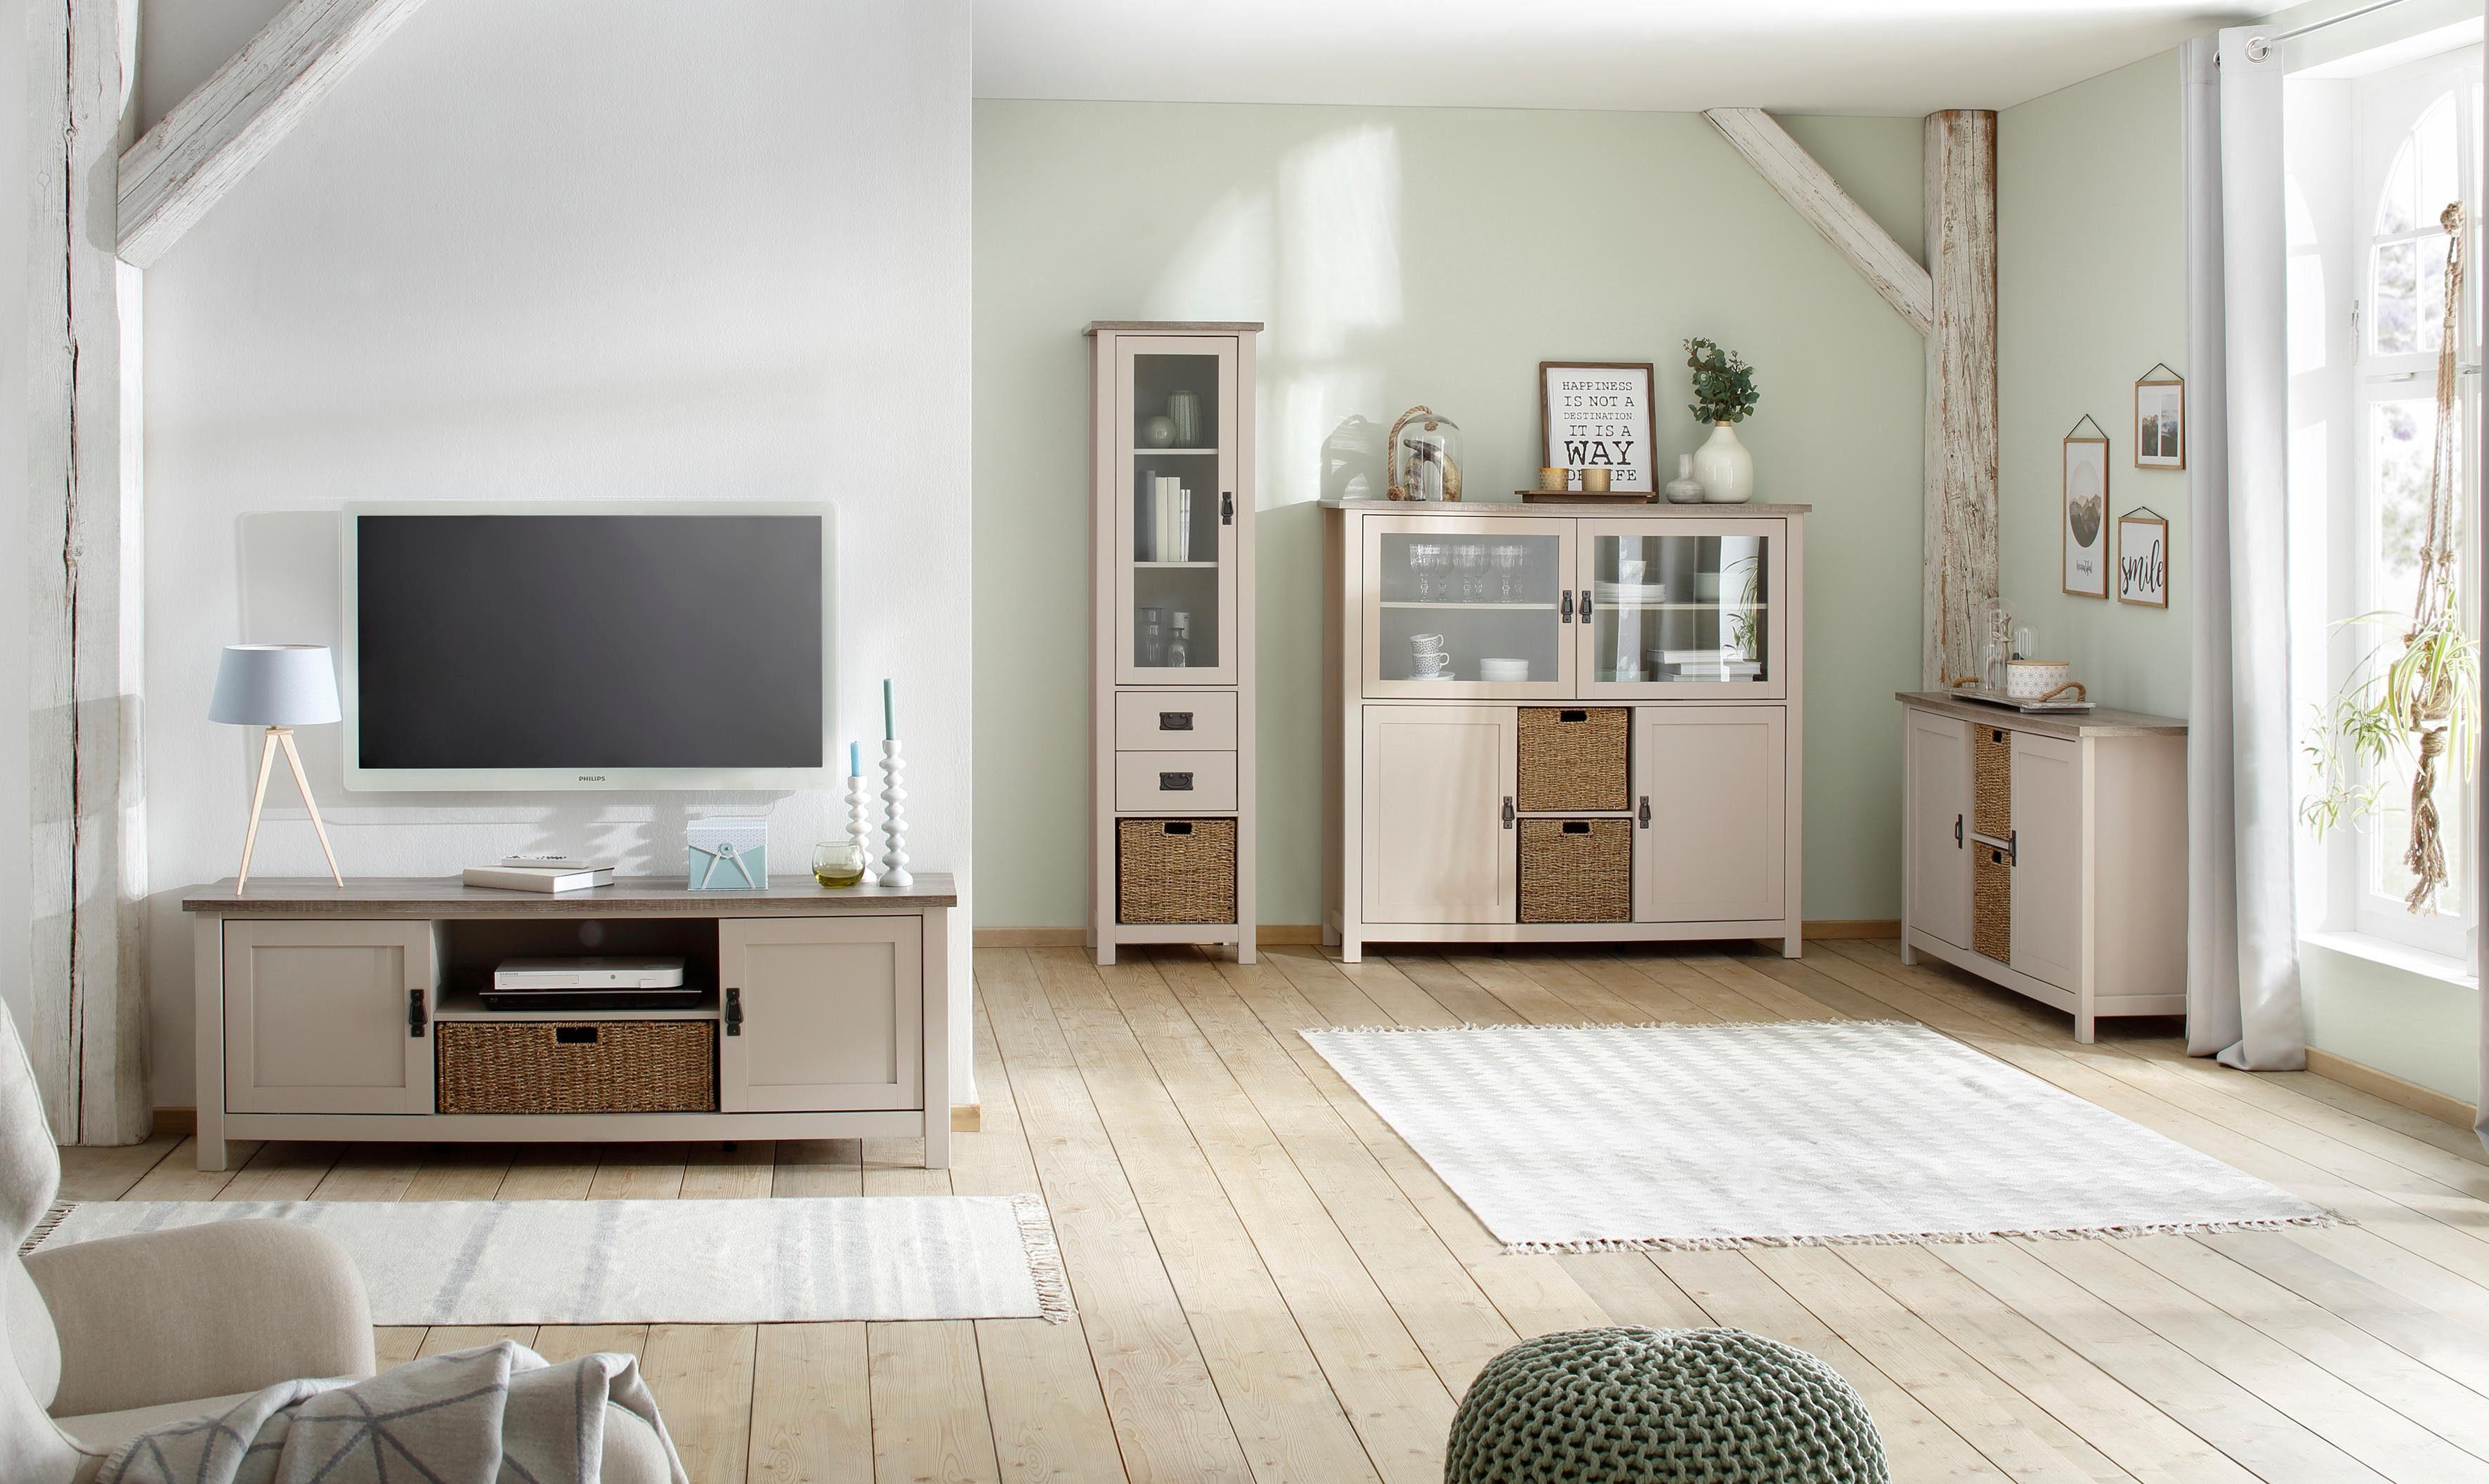 Kast Met Manden : Landelijk tv meubel met ombouw incl manden aw leverbaar